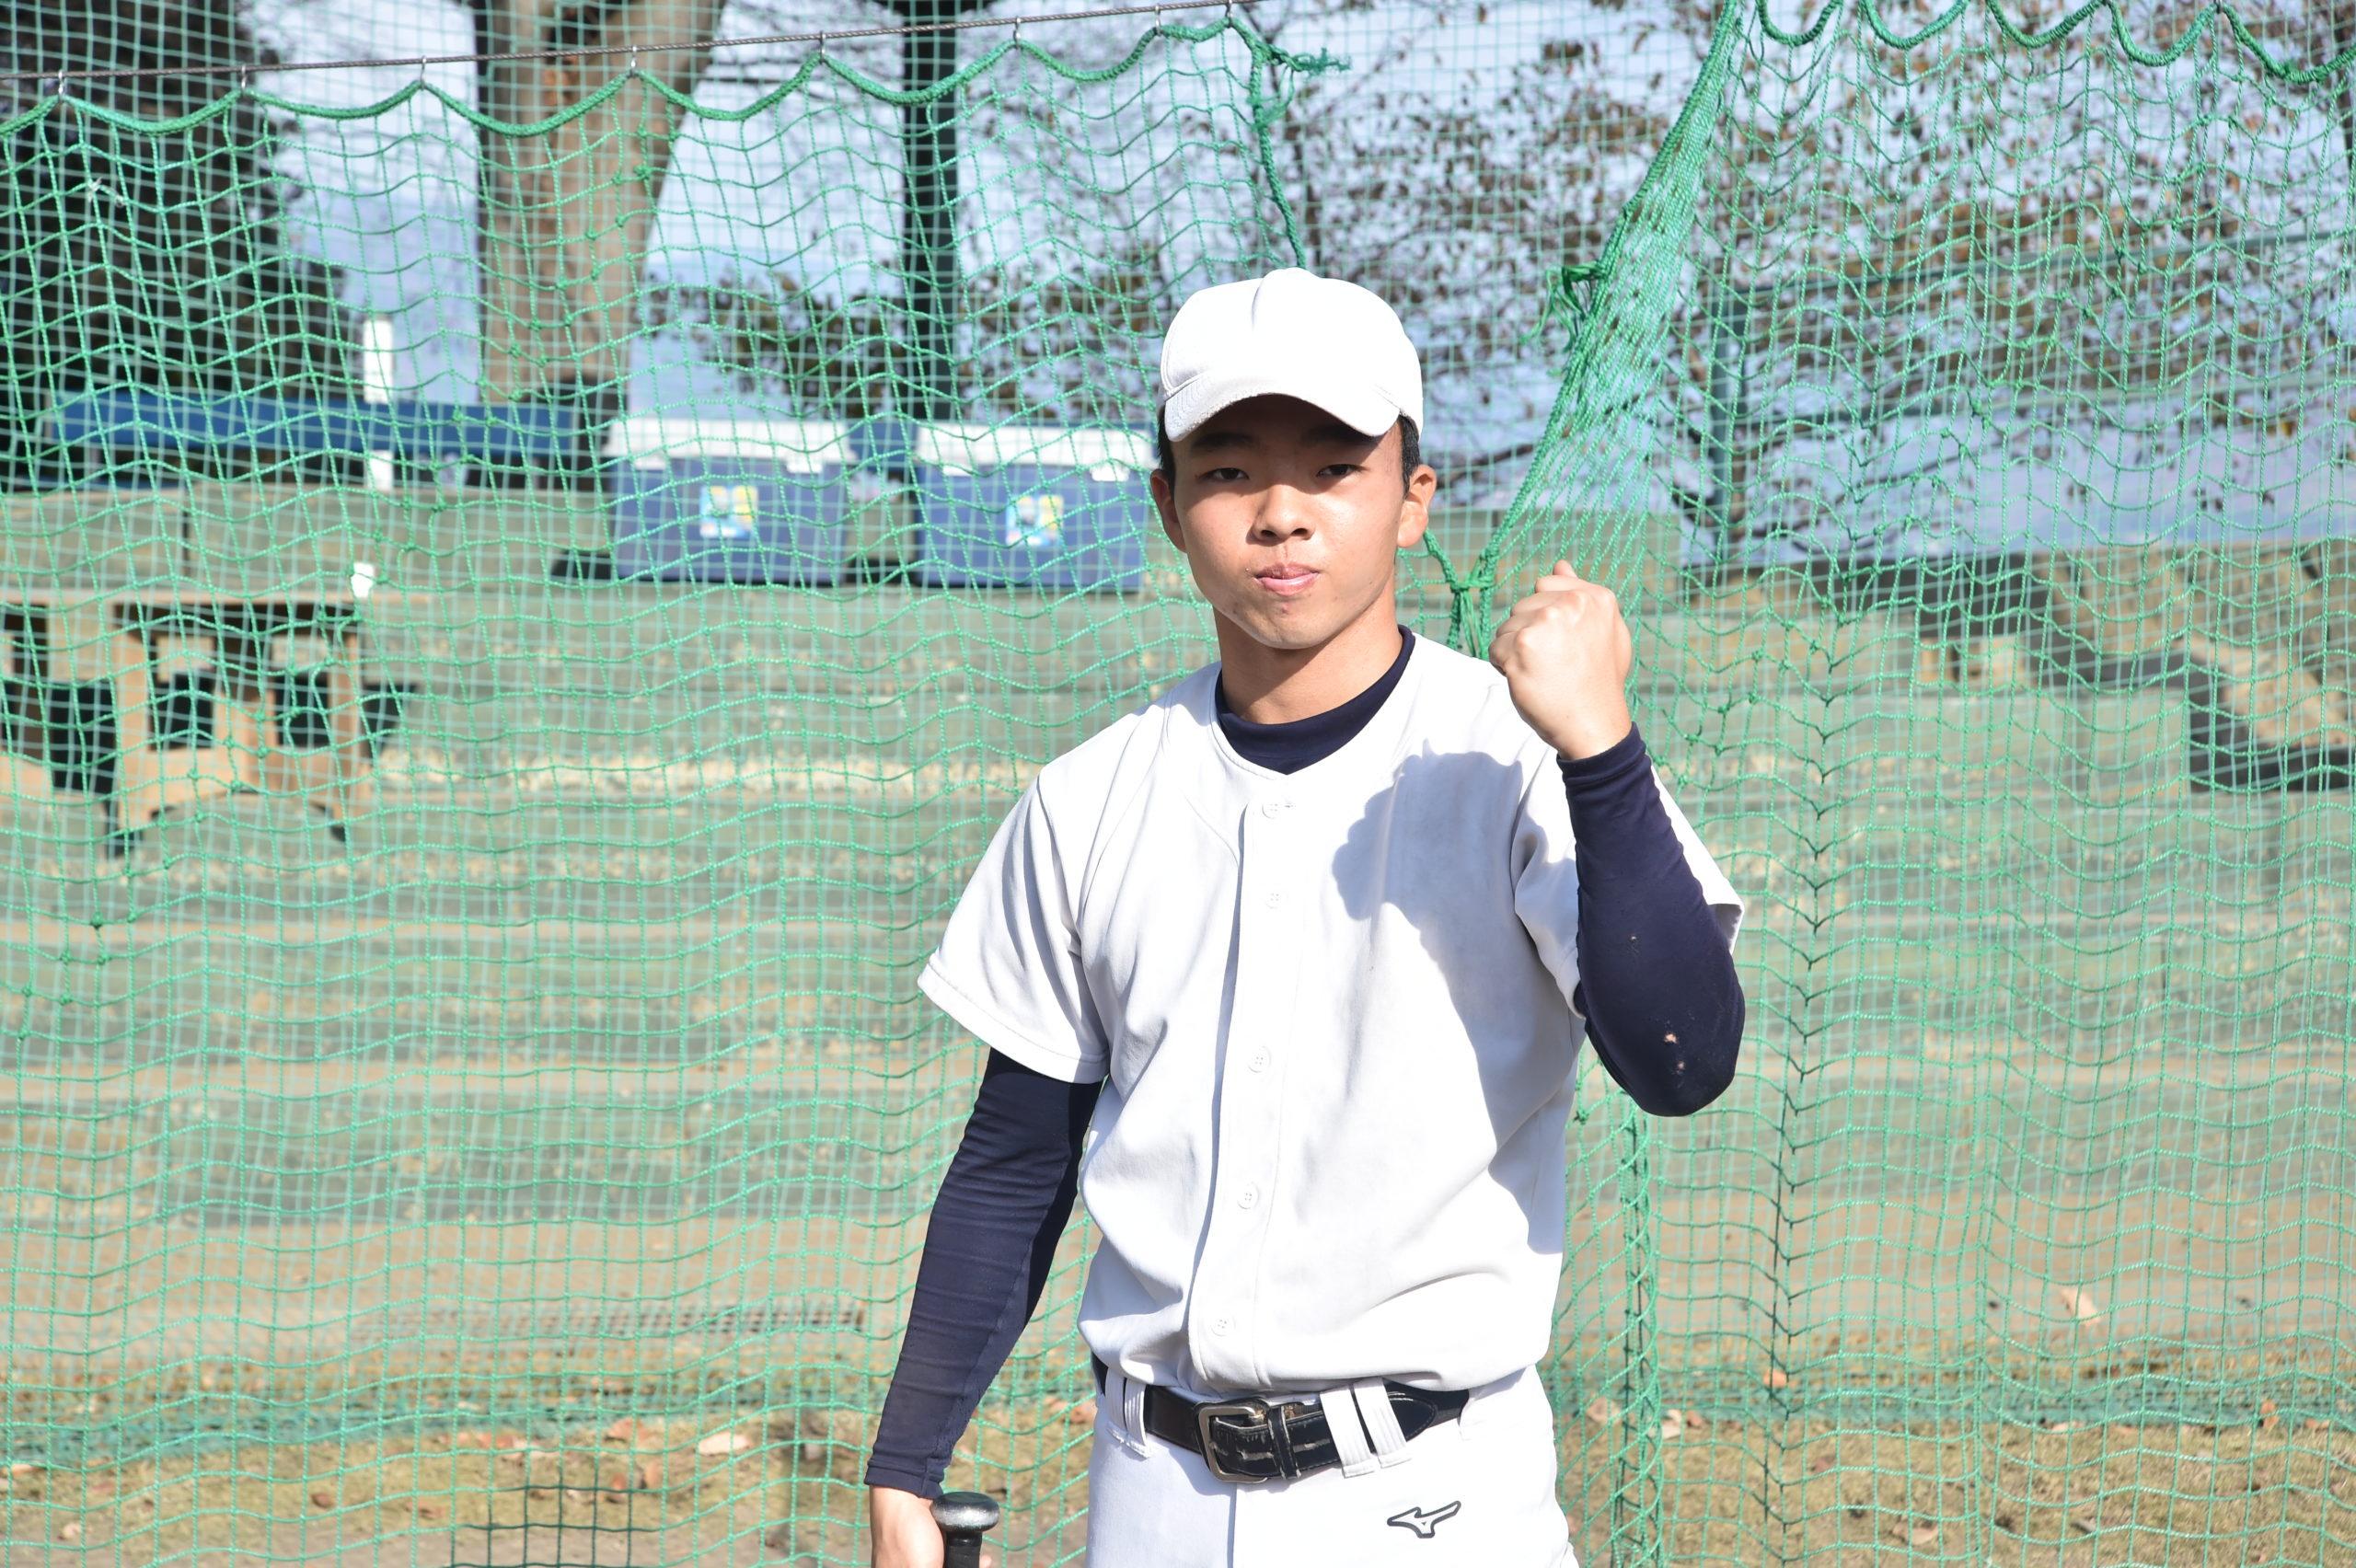 【樹徳】『主将のチーム分析・髙田悠生 主将(2年=中堅手)』コラム #樹徳